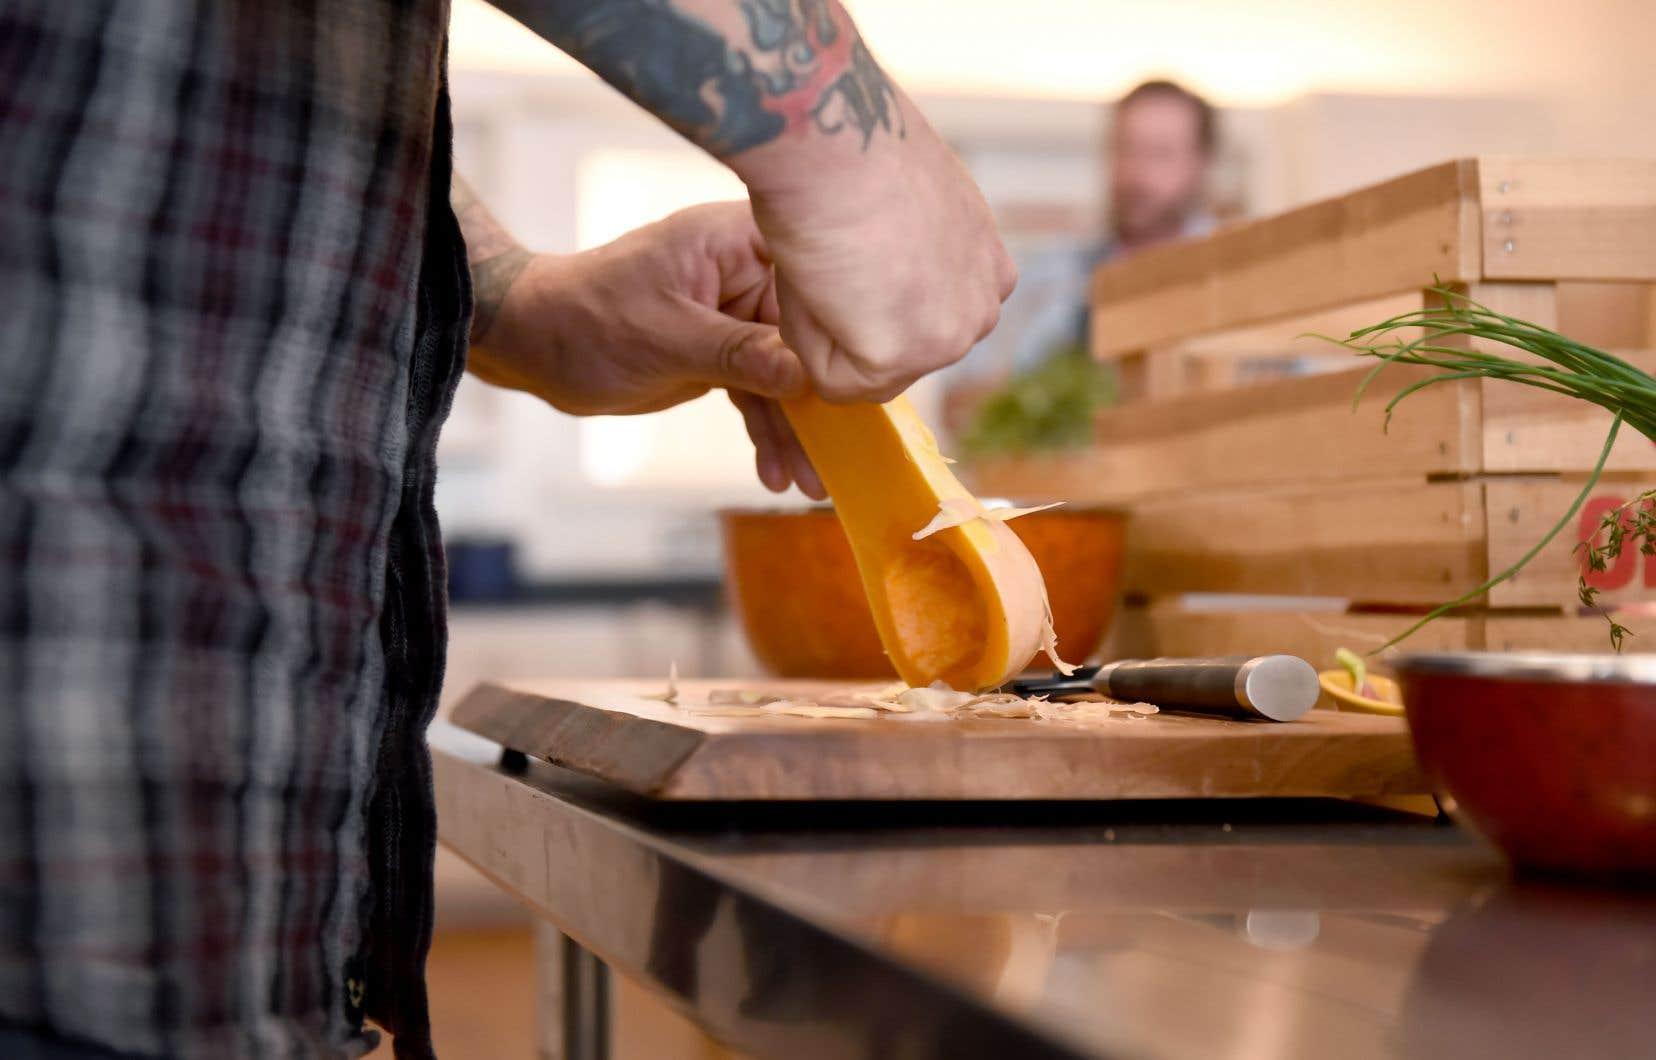 «Je constate souvent que le problème est moins du côté de l'argent disponible, que sur leur habileté à cuisiner des repas», affirme Kate Johnson.